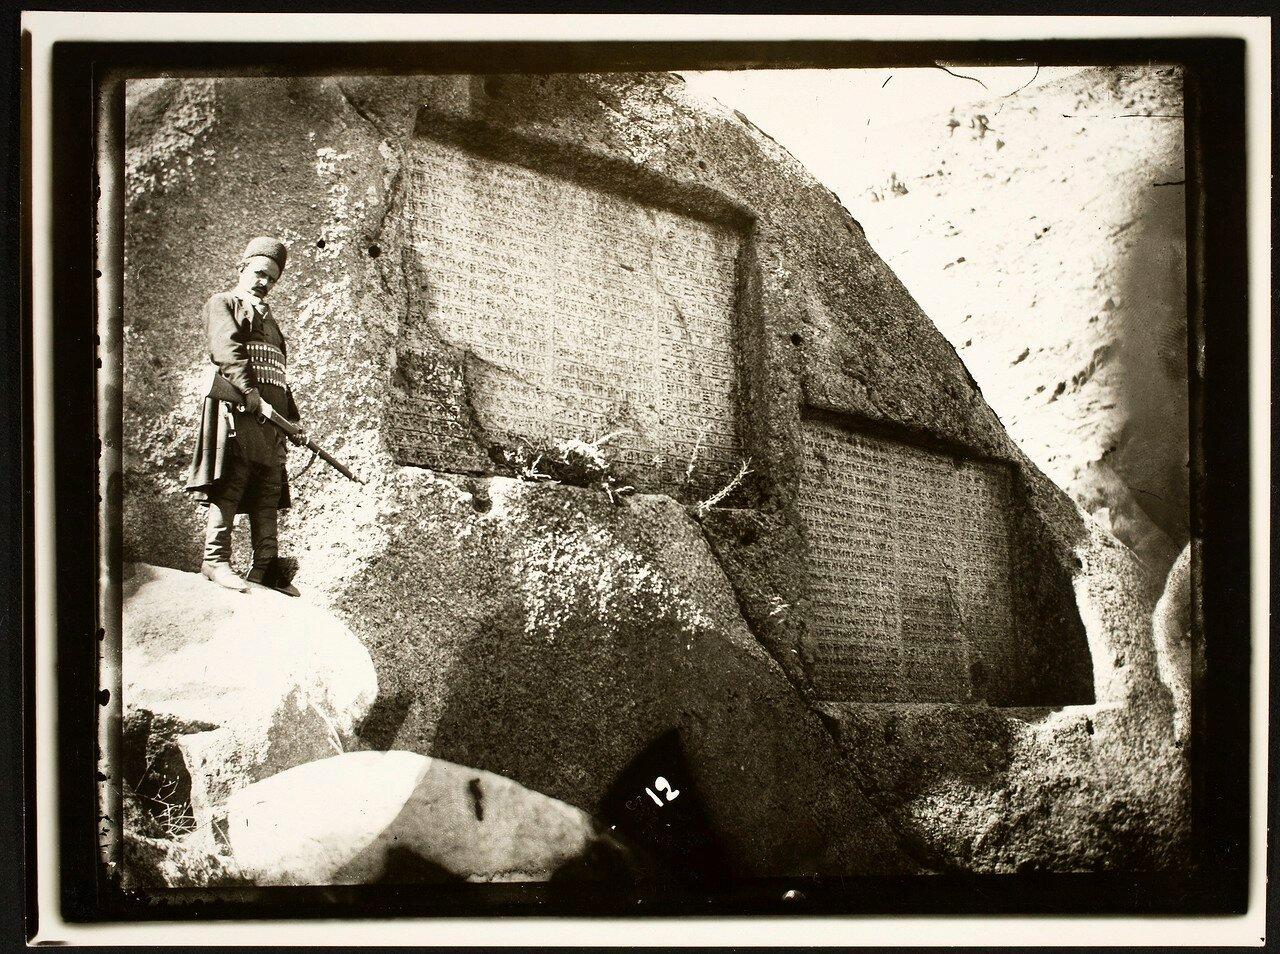 Ганджнаме.  Скальные надписи эпохи Ахеменидов. Надпись, выбитая в граните, состоит из двух частей. Левая принадлежит Дарию I, а правая — его сыну Ксерксу I. Обе надписи выполнены на трёх древних языках: древнеперсидском, нововавилонском и новоэламском